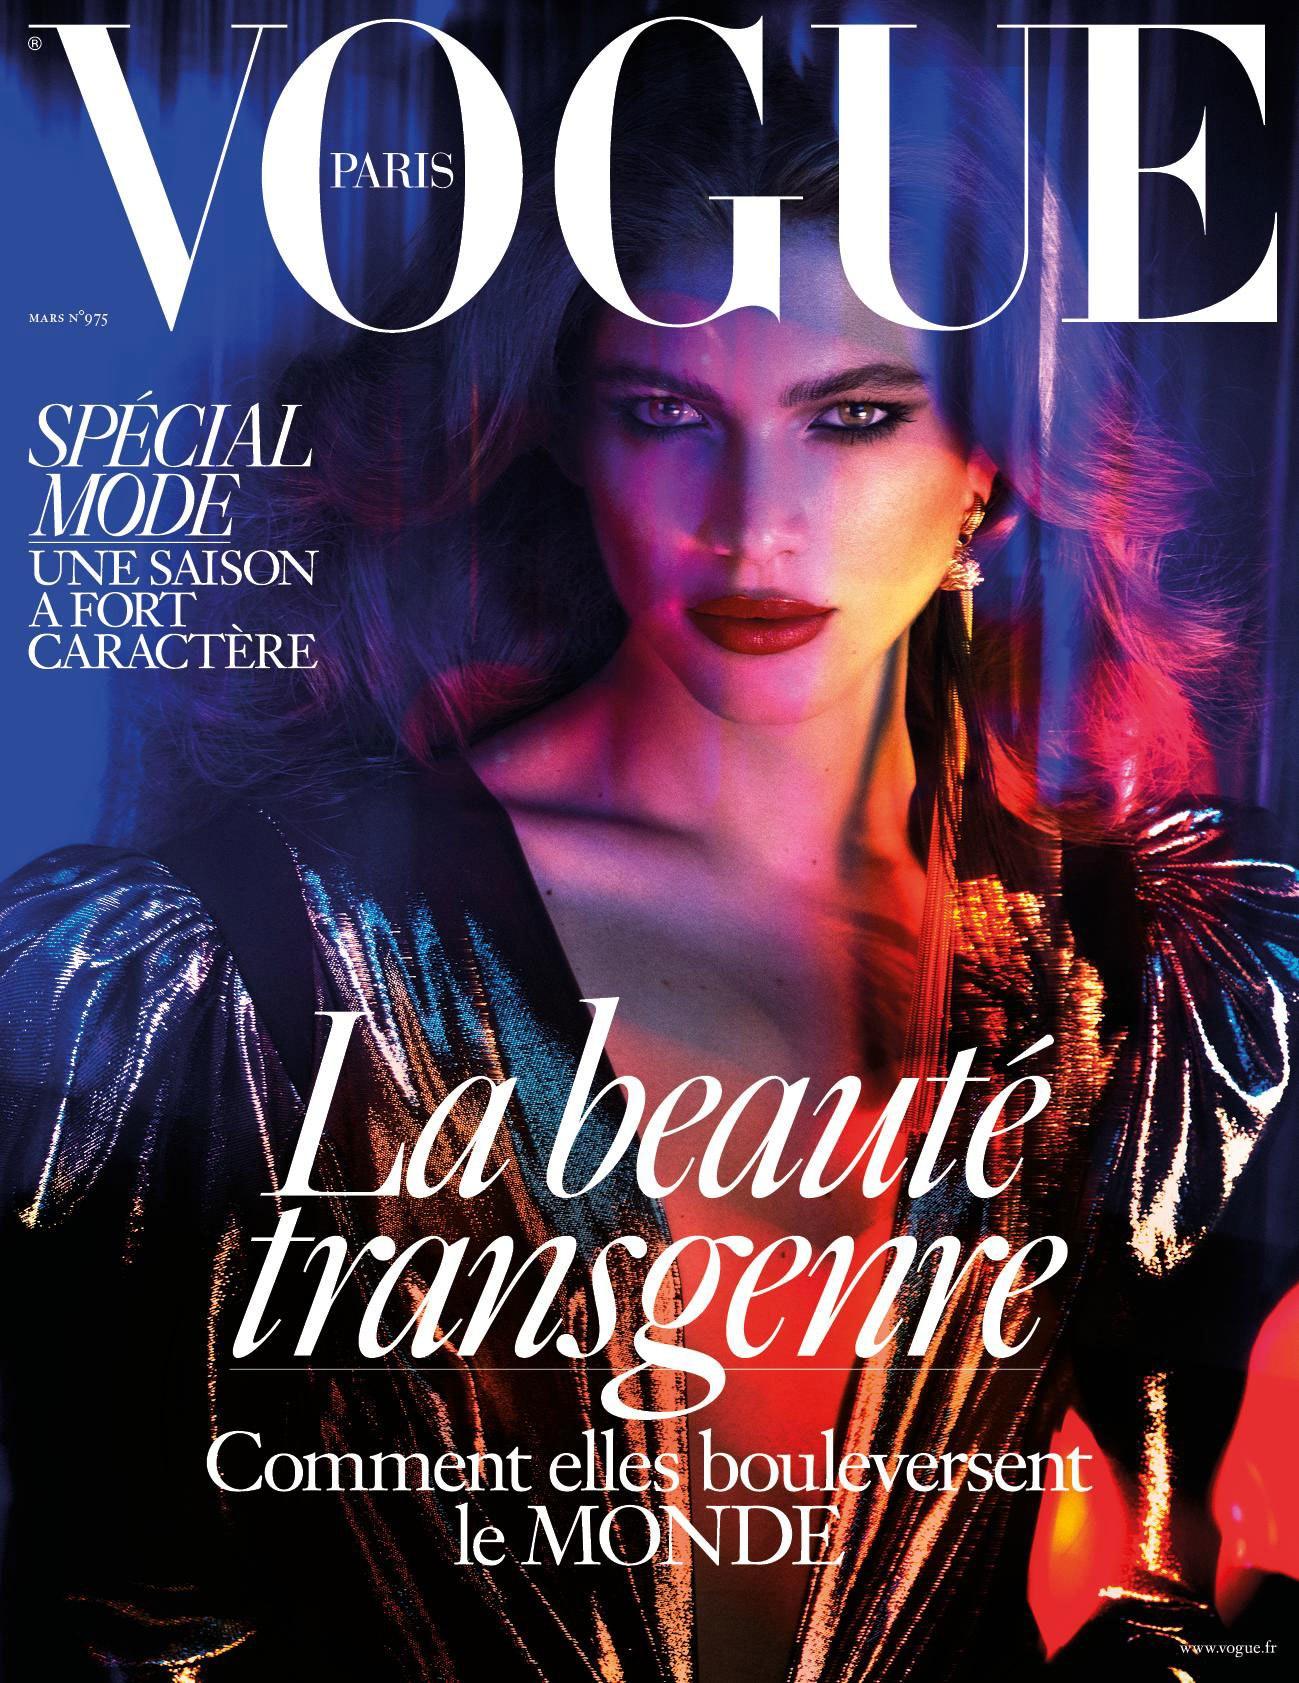 Журнал Vogue впервый раз выйдет странсгендером наобложке